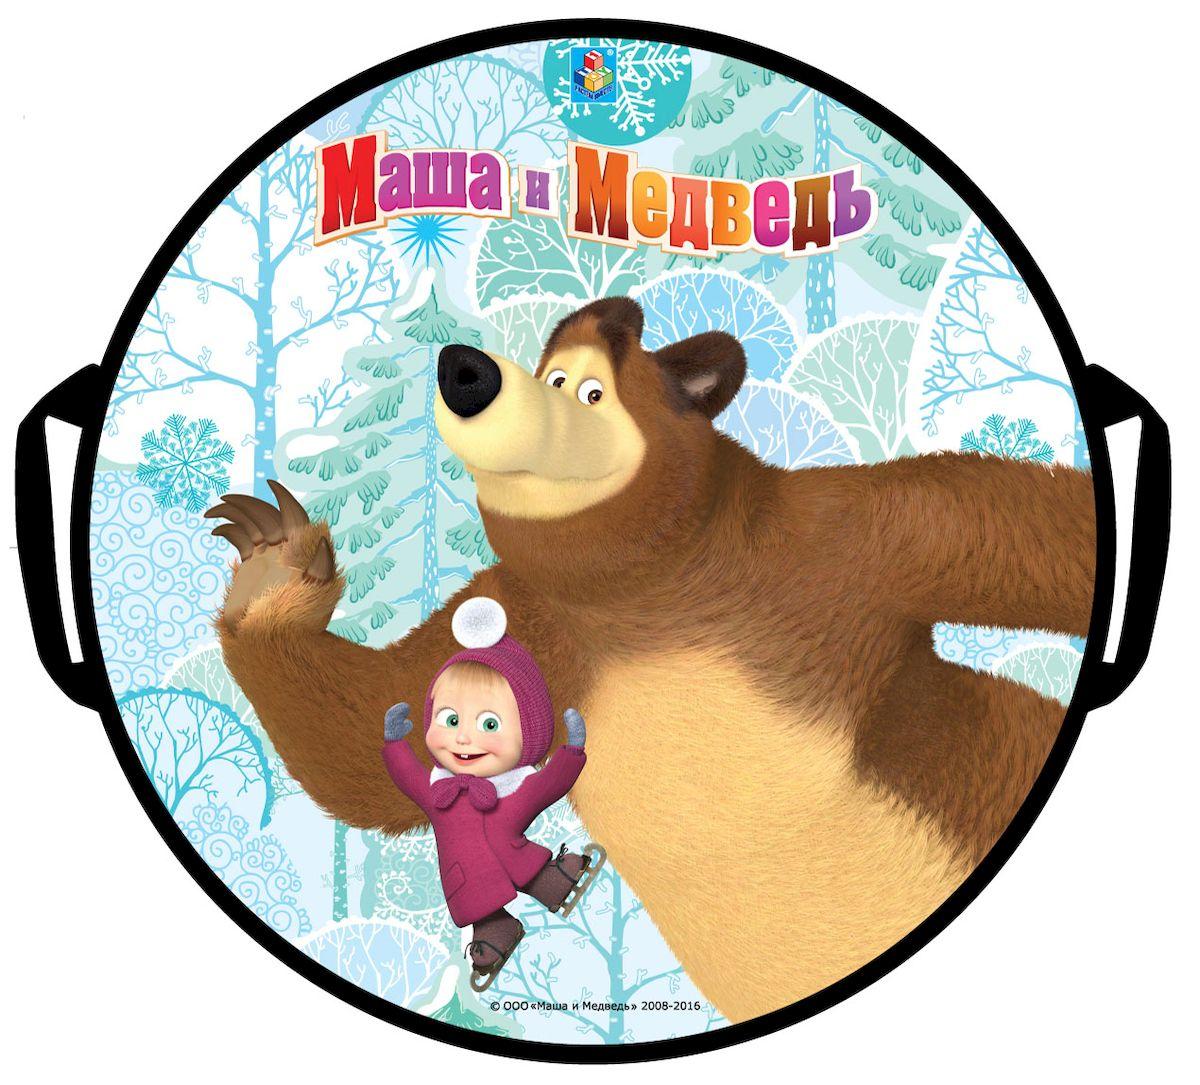 Ледянка 1toy Маша и Медведь, 52 смТ59046Круглая ледянка 1toy Маша и Медведь подойдет для любителей зимних спортивных развлечений. Выполнена из ПВХ. Ледянка имеет 2 ручки для удобства. На лицевой стороне имеется изображение с героями любимого мультфильма.Зимние игры на свежем воздухе. Статья OZON Гид